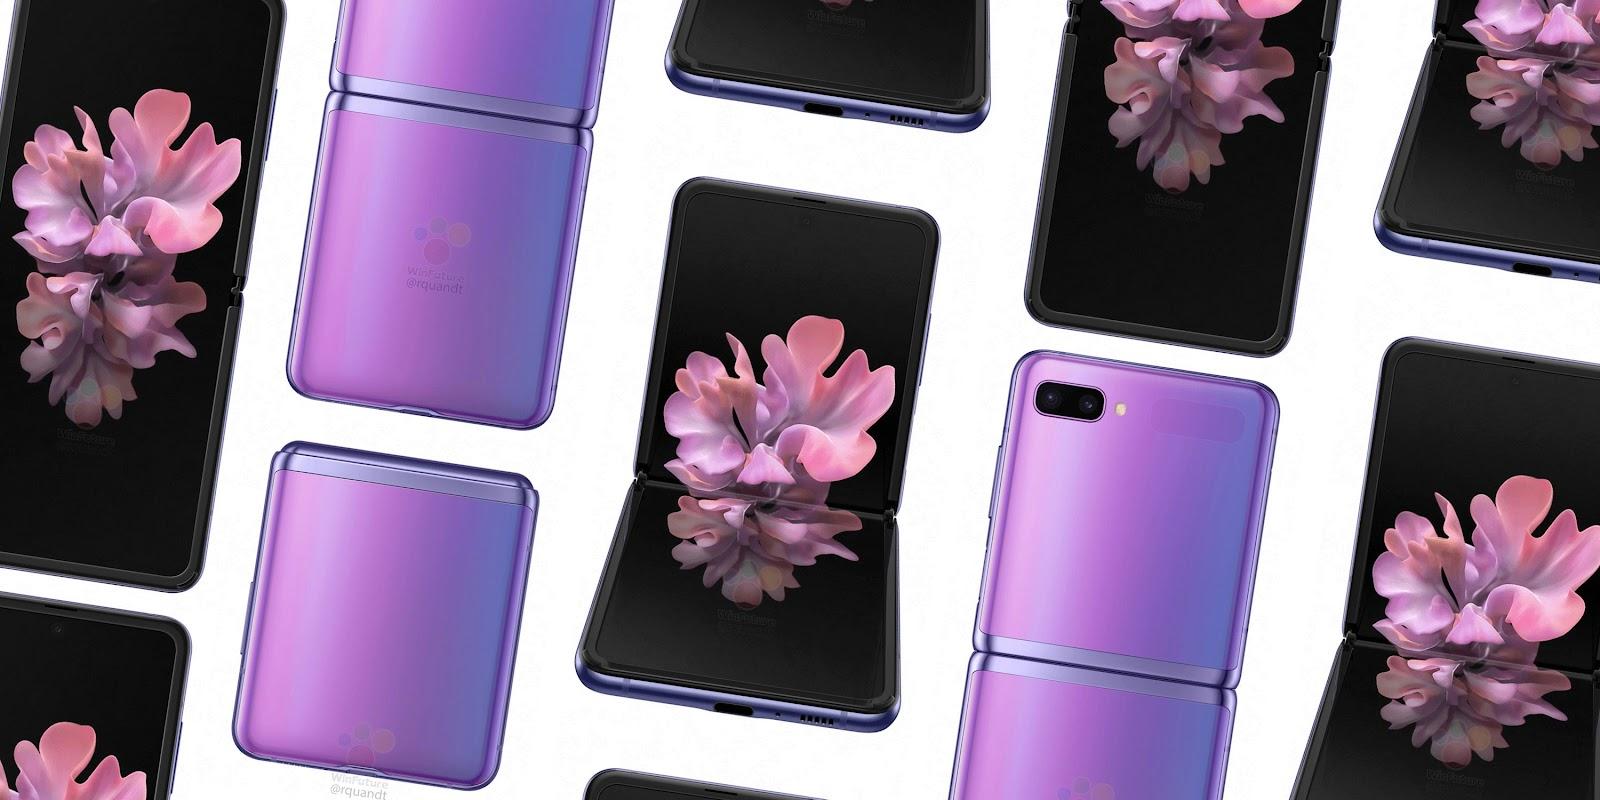 Ecco cosa sappiamo finora del Galaxy Z Flip in base alle voci sul prossimo telefono pieghevole.